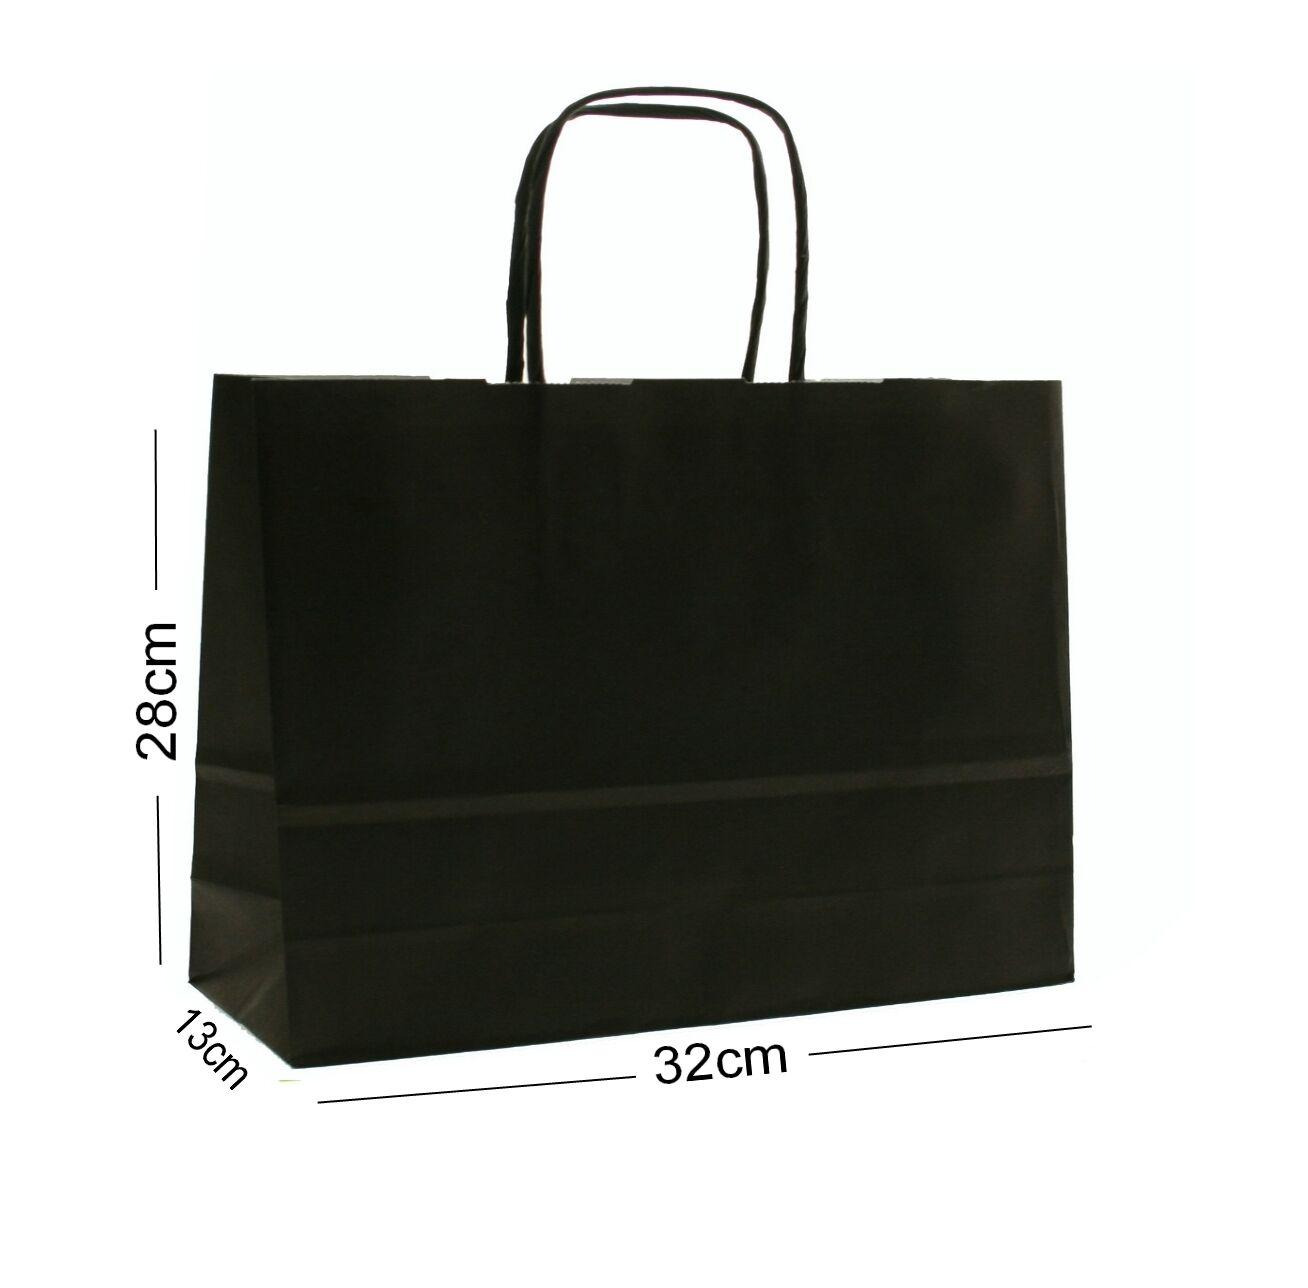 Noir Paysage Grand Papier Fête Sac Cadeau ~ Boutique Magasin Sac Sac Magasin e00e72